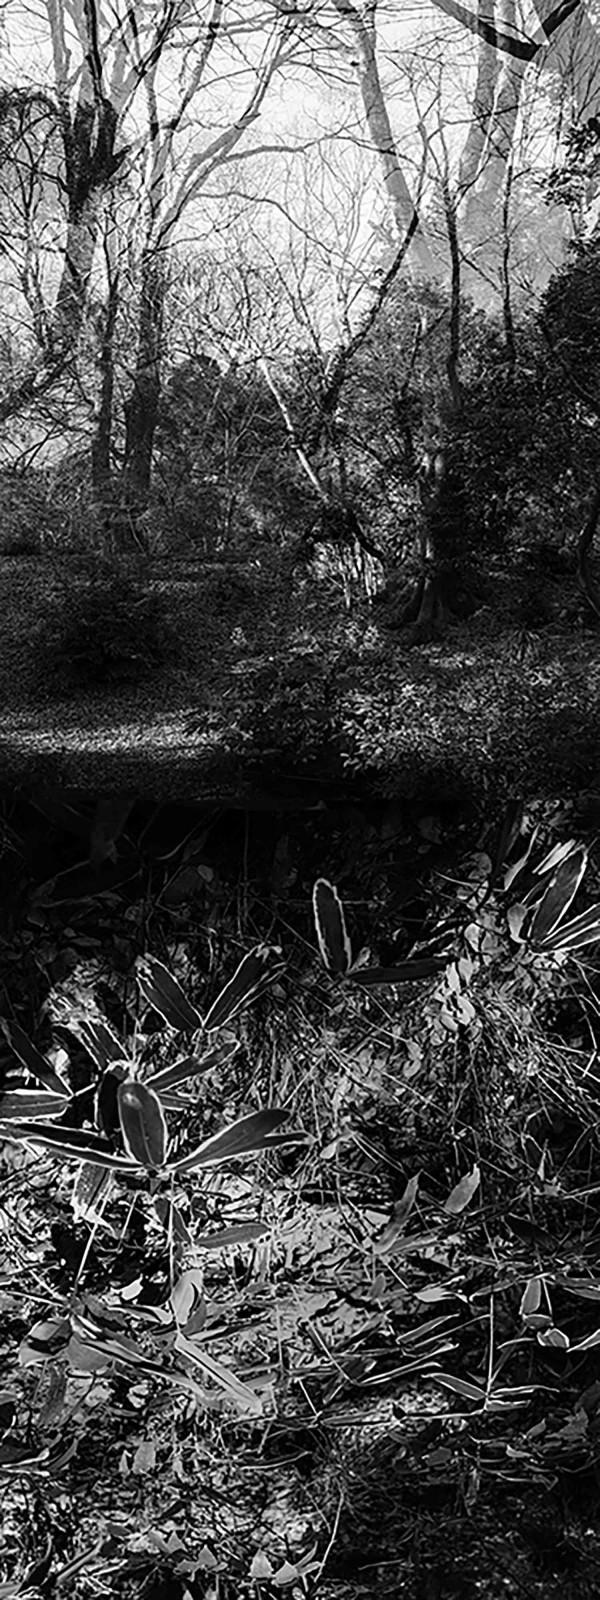 Reflecting landscape 02